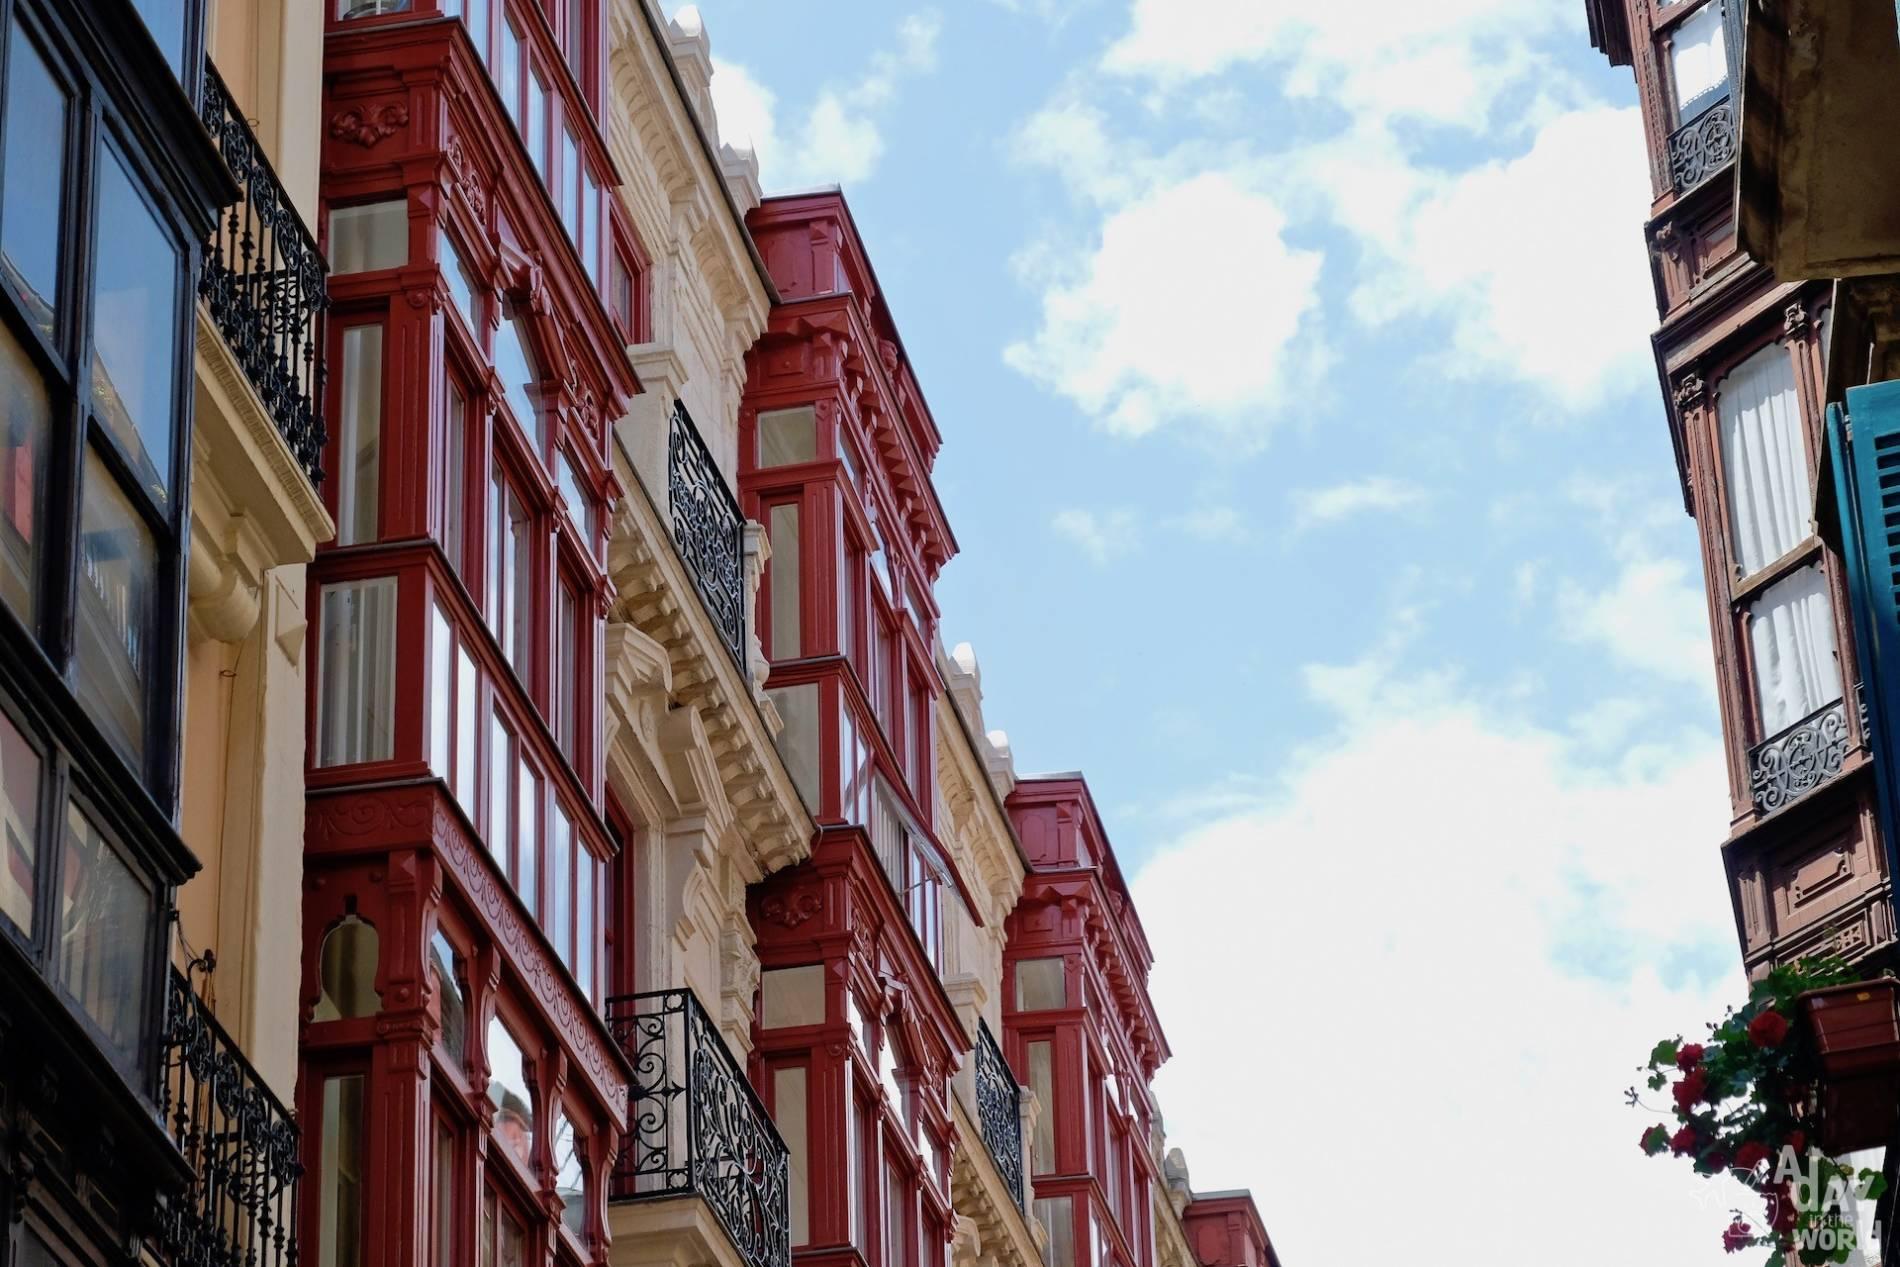 rue casco viejo 5